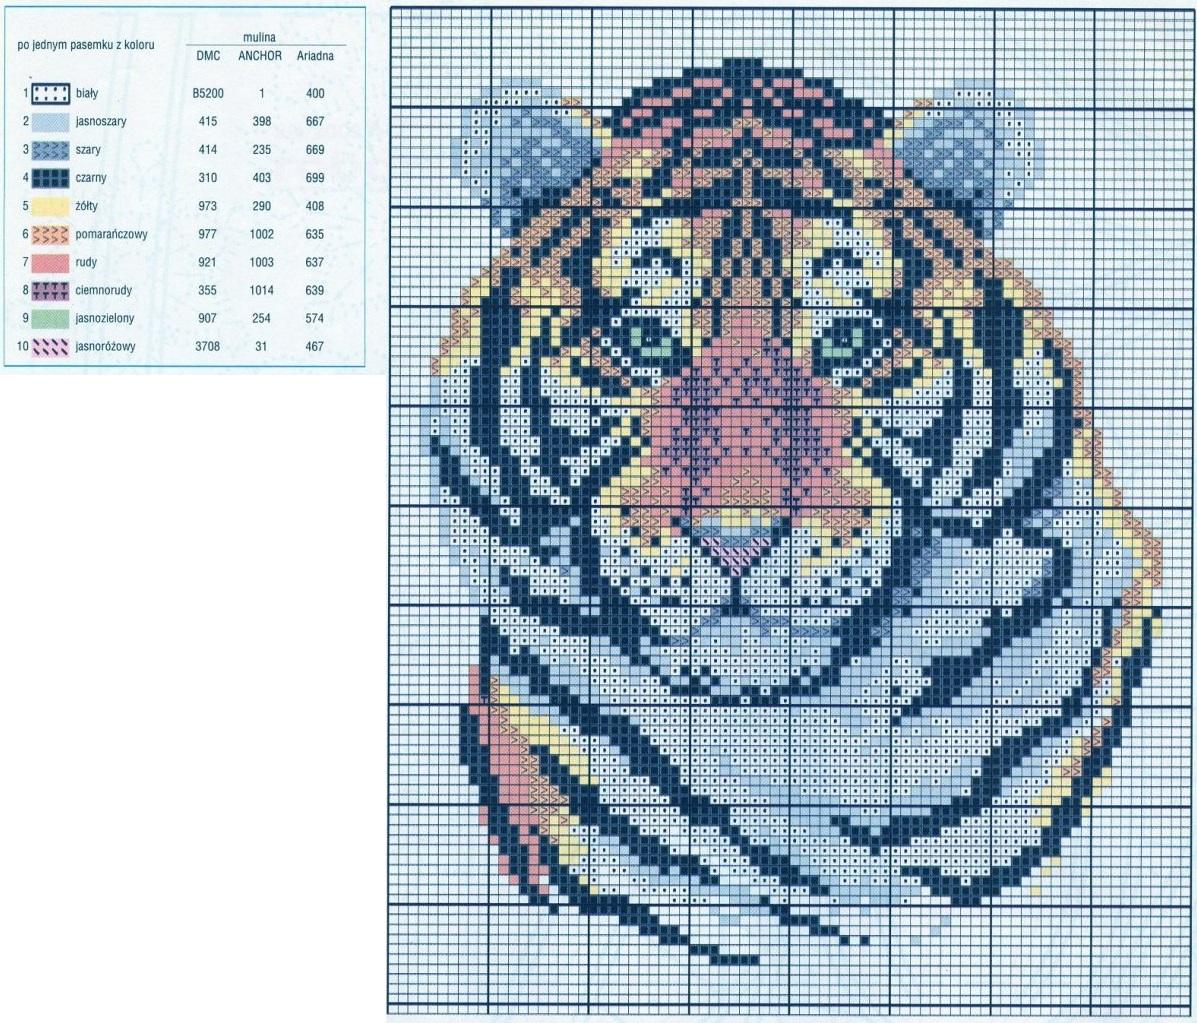 tigr-simvol-goda-2022-foto-11